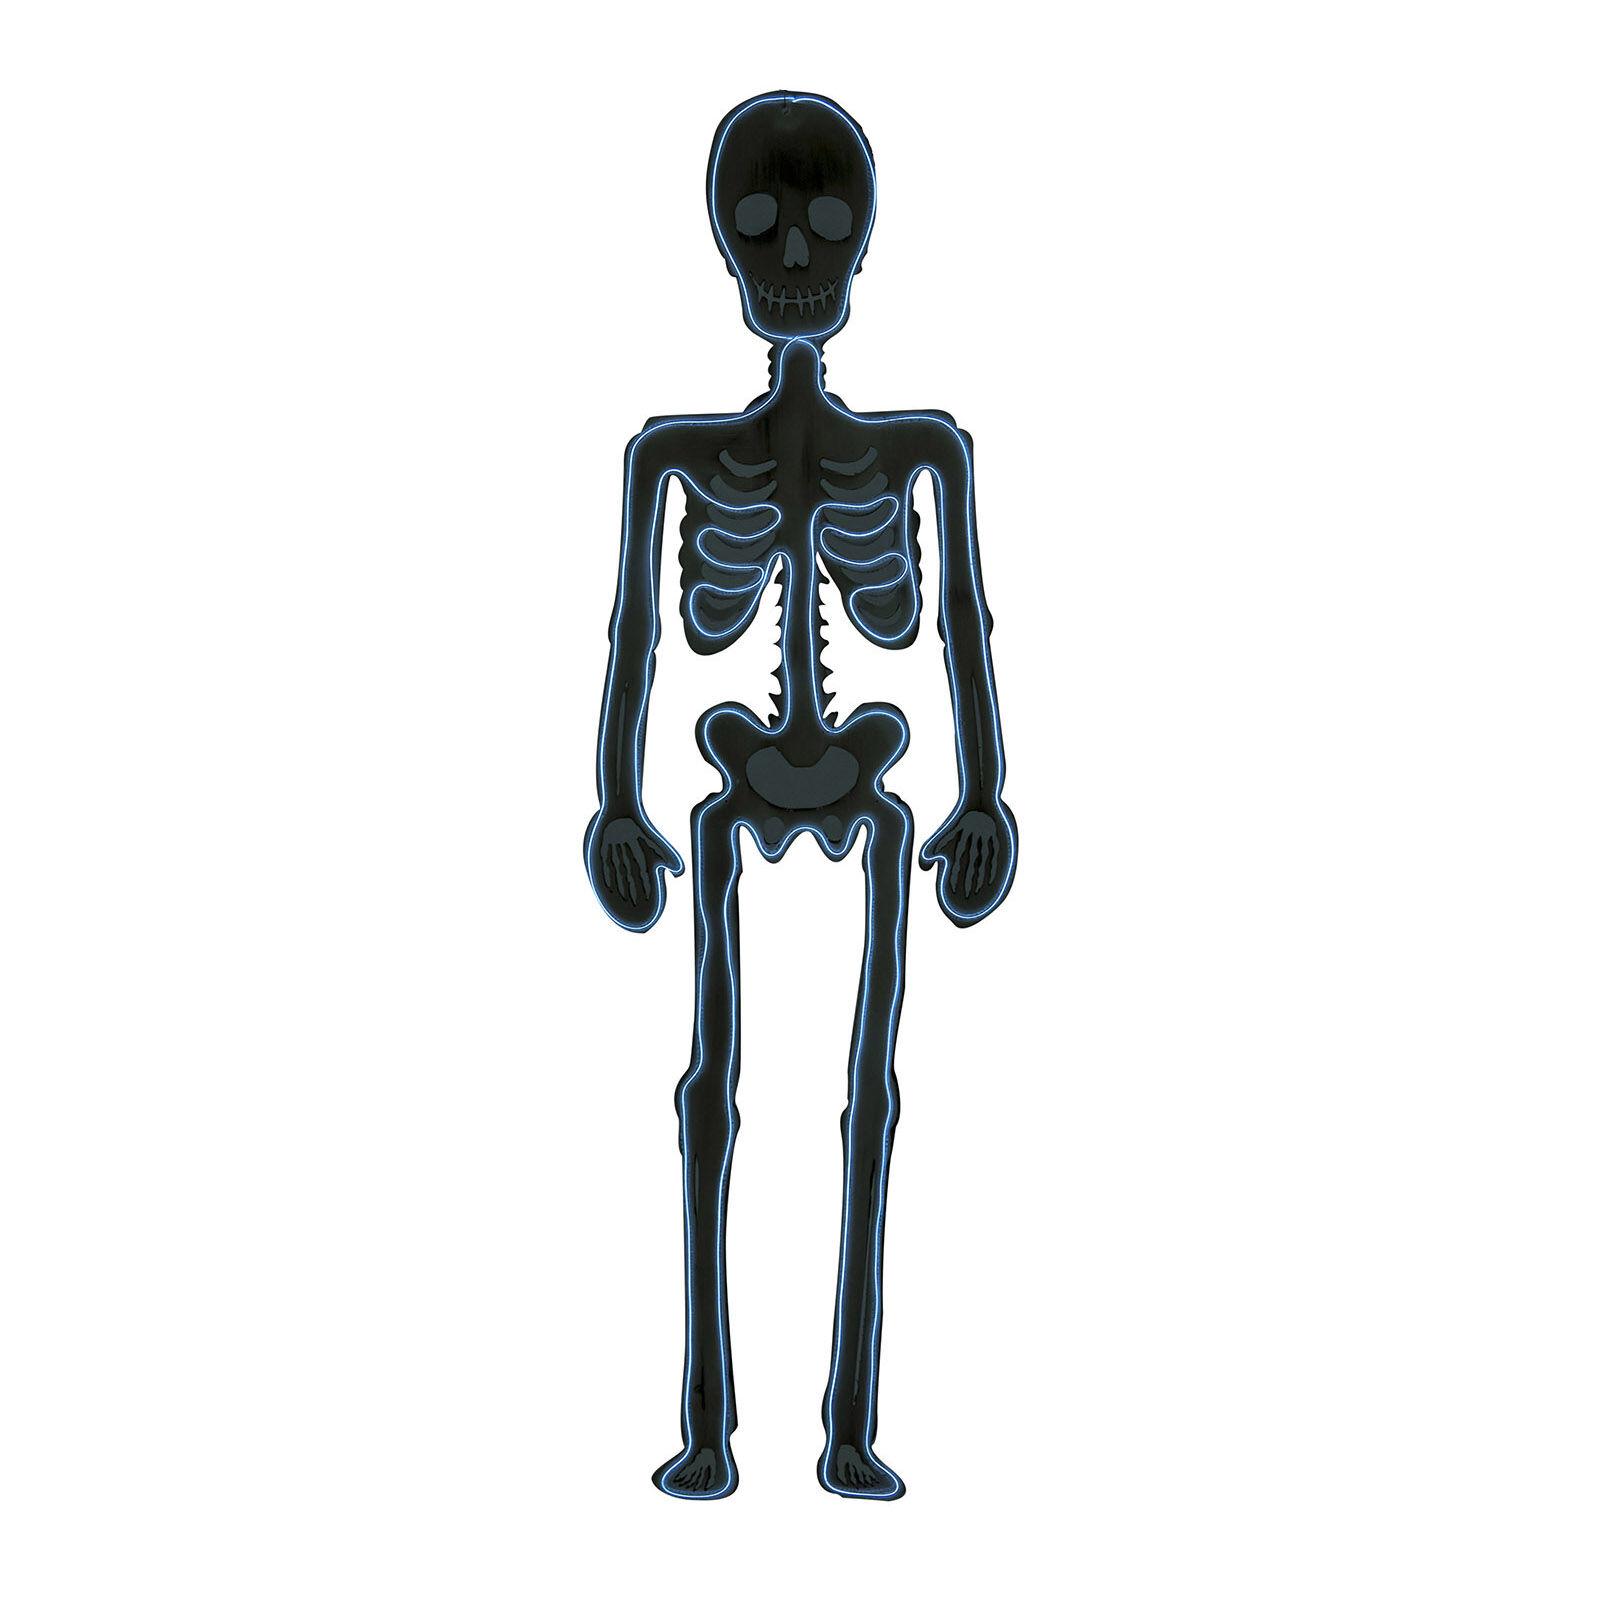 LOLA home Esqueleto de pared de Halloween negro de goma eva de 90 cm